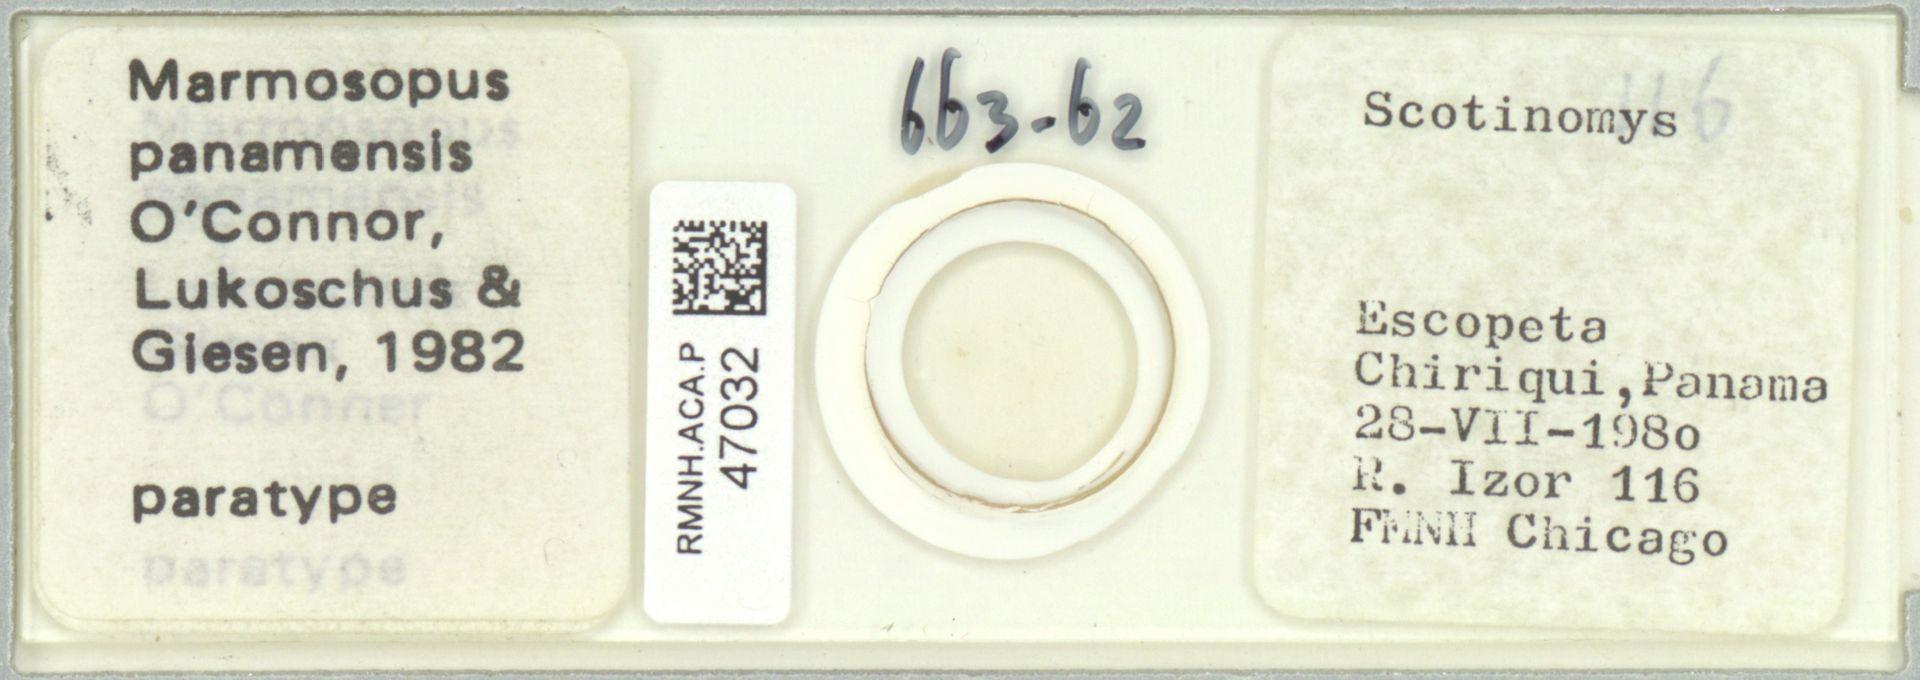 RMNH.ACA.P.47032 | Marmosopus panamensis O'Connor, Lukoschus & Giesen, 1982